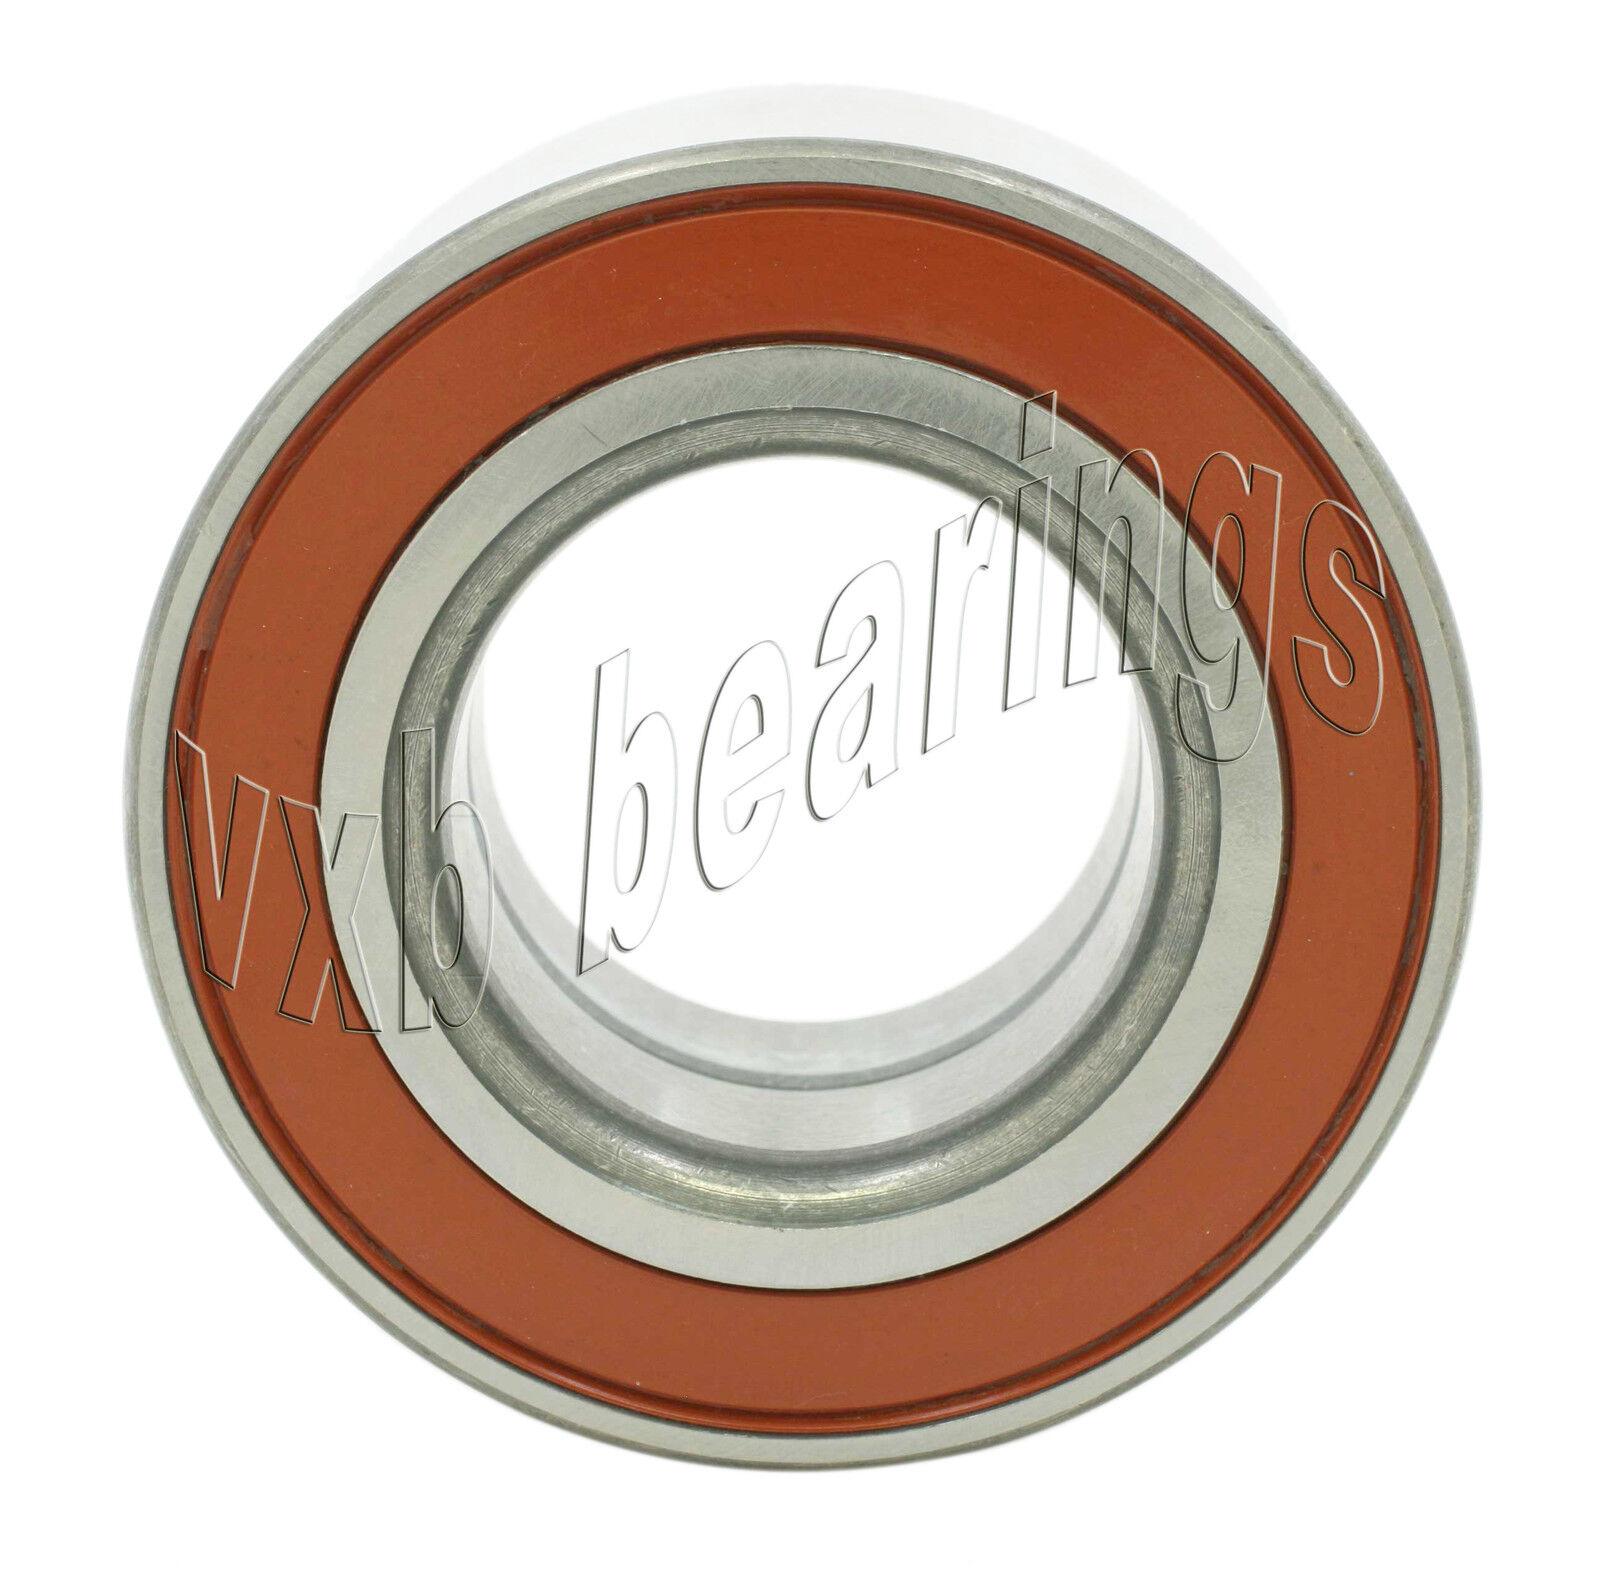 SATURN SC Auto Car Wheel Ball Bearing 1991-1992 Ball Bearings